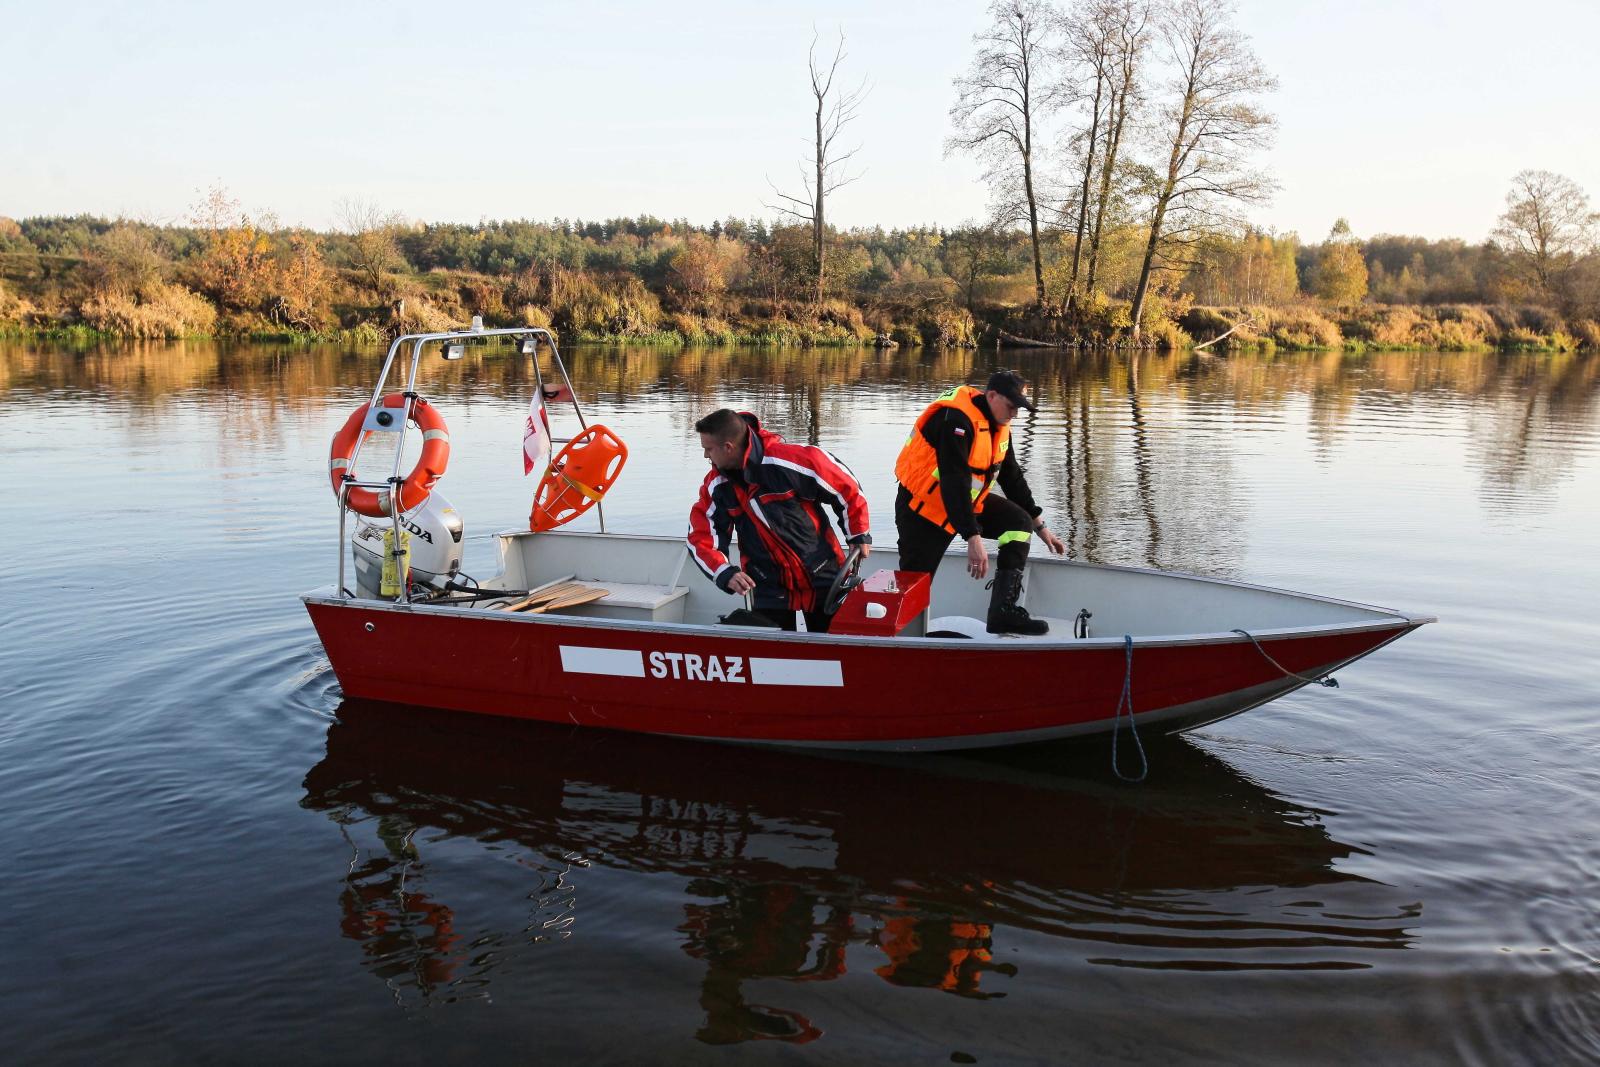 Oczyszczanie rzeki fot. PAP/Mateusz Marek